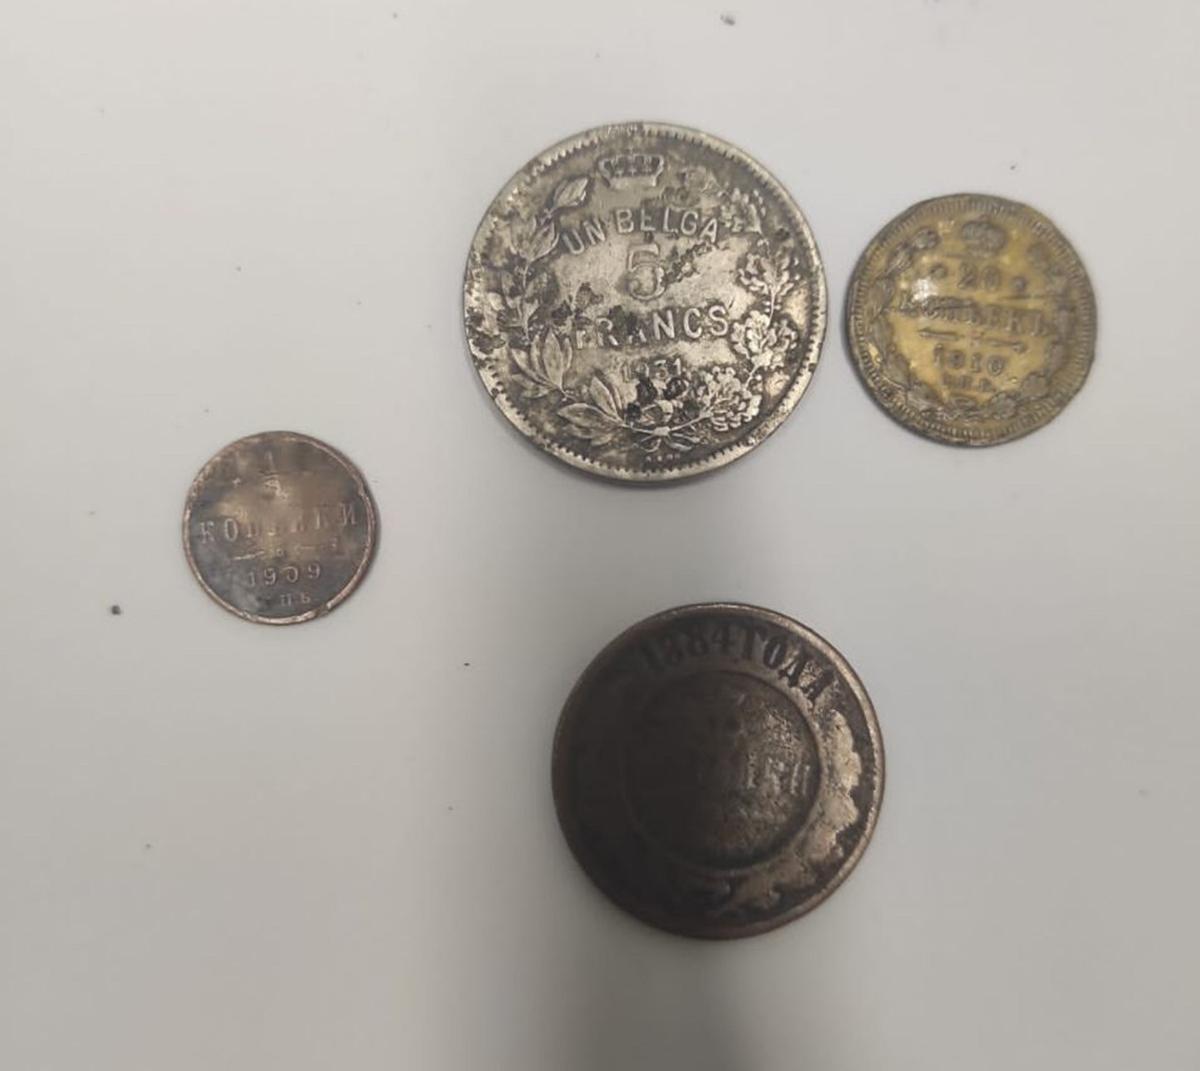 Таможня Харьков: На Гоптовке выявили старинные монеты